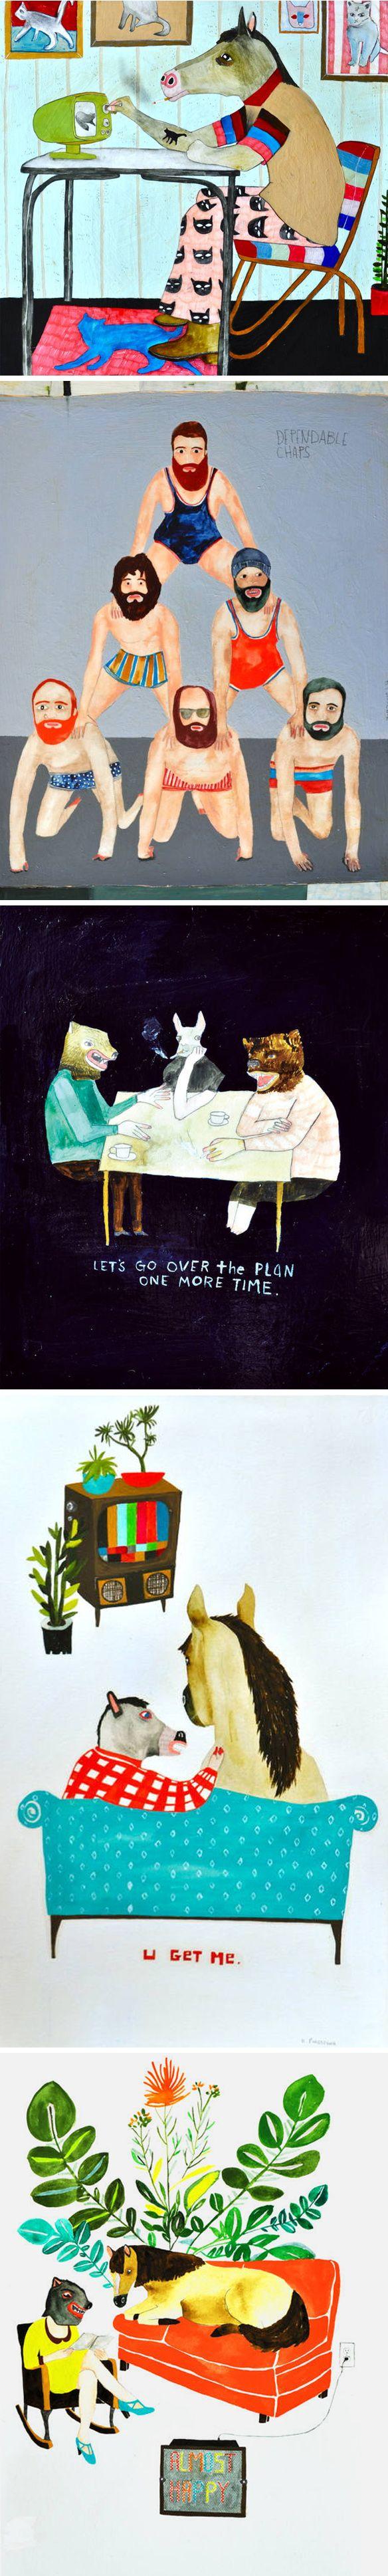 paintings & drawings by kelly puissegur <3